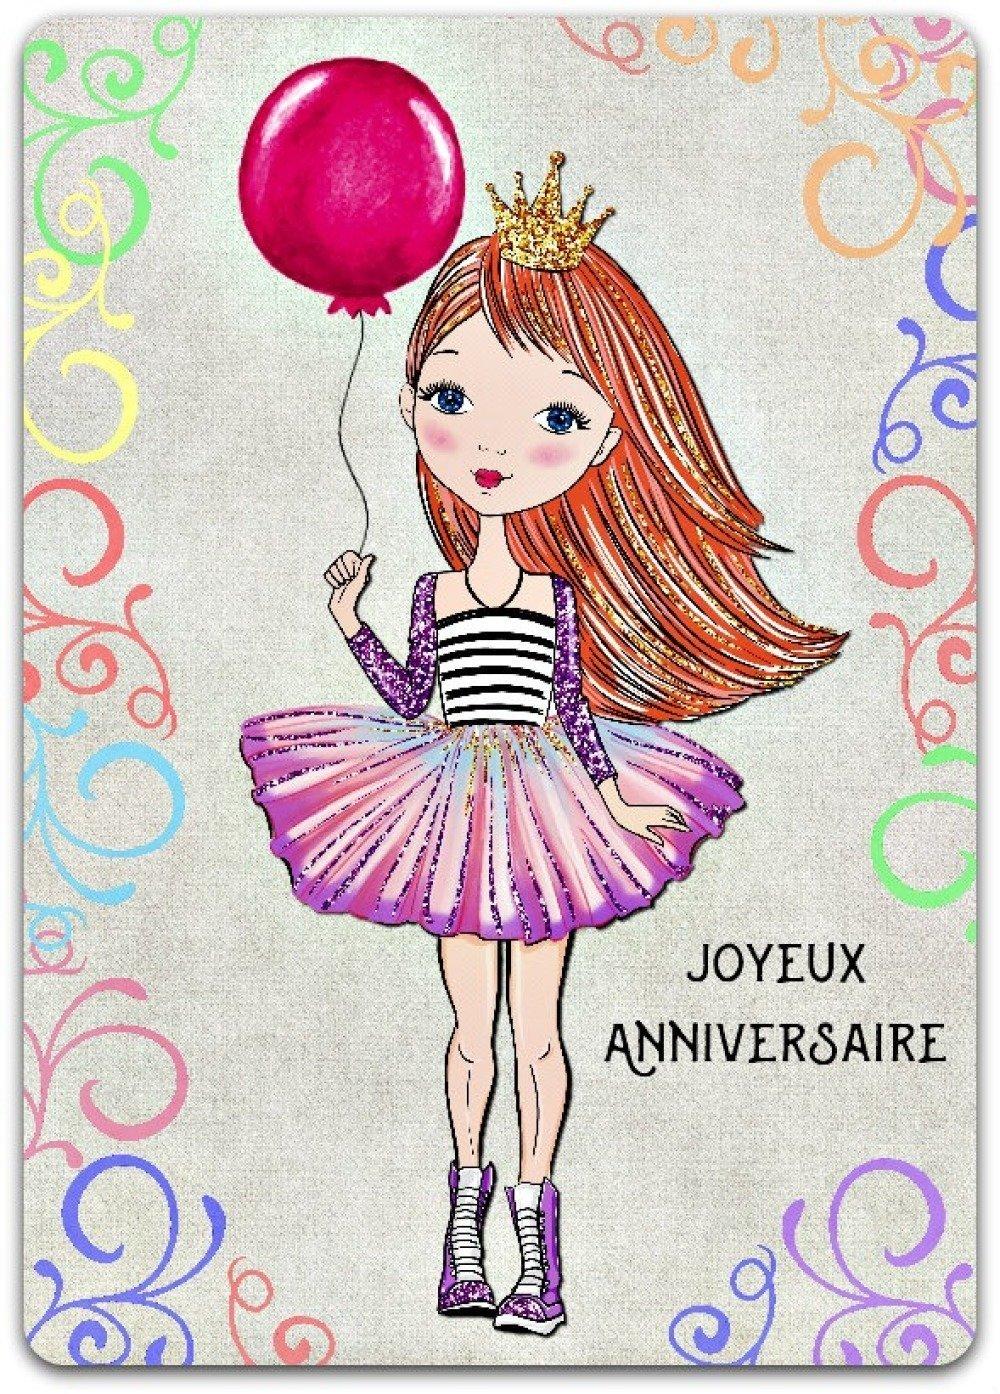 Carte De Voeux Joyeux Anniversaire Ballon Princesse Fille 12 5cm X 17 5cm Un Grand Marche